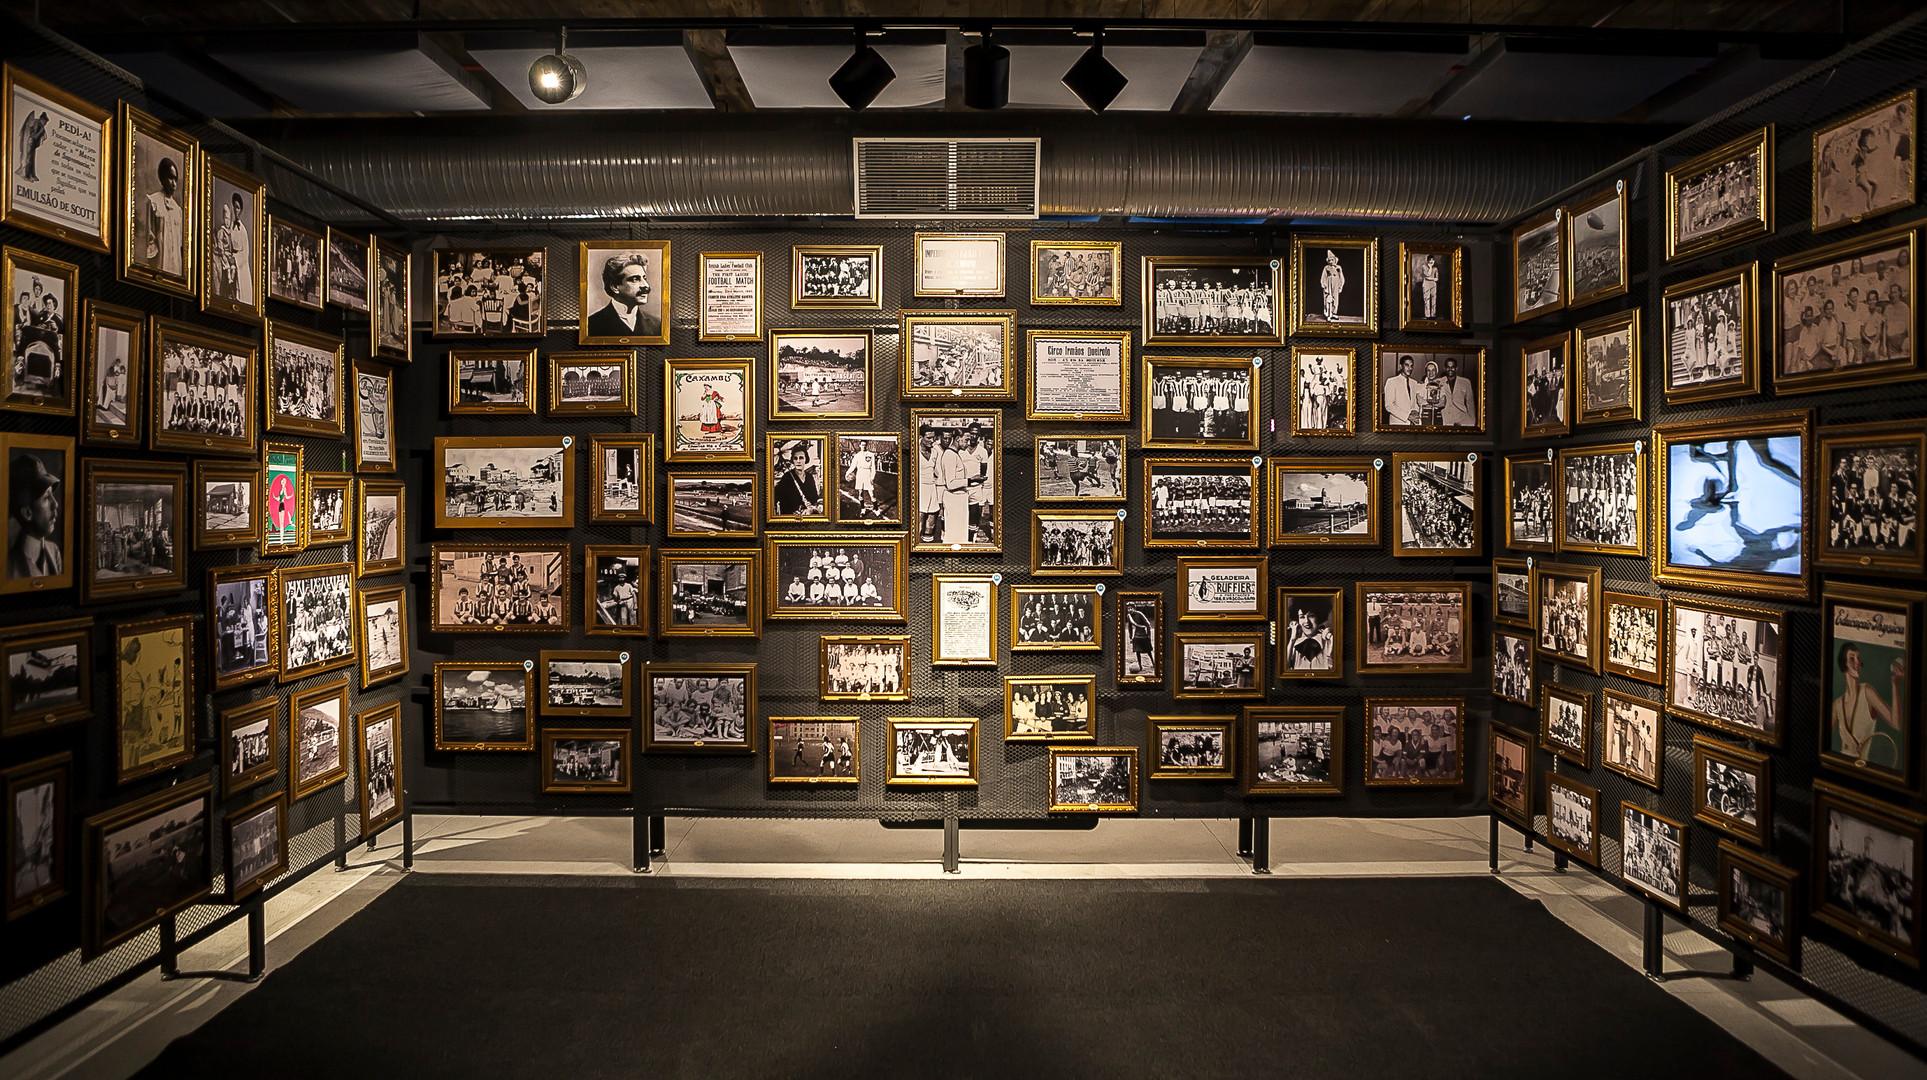 Museu do Futebol 5